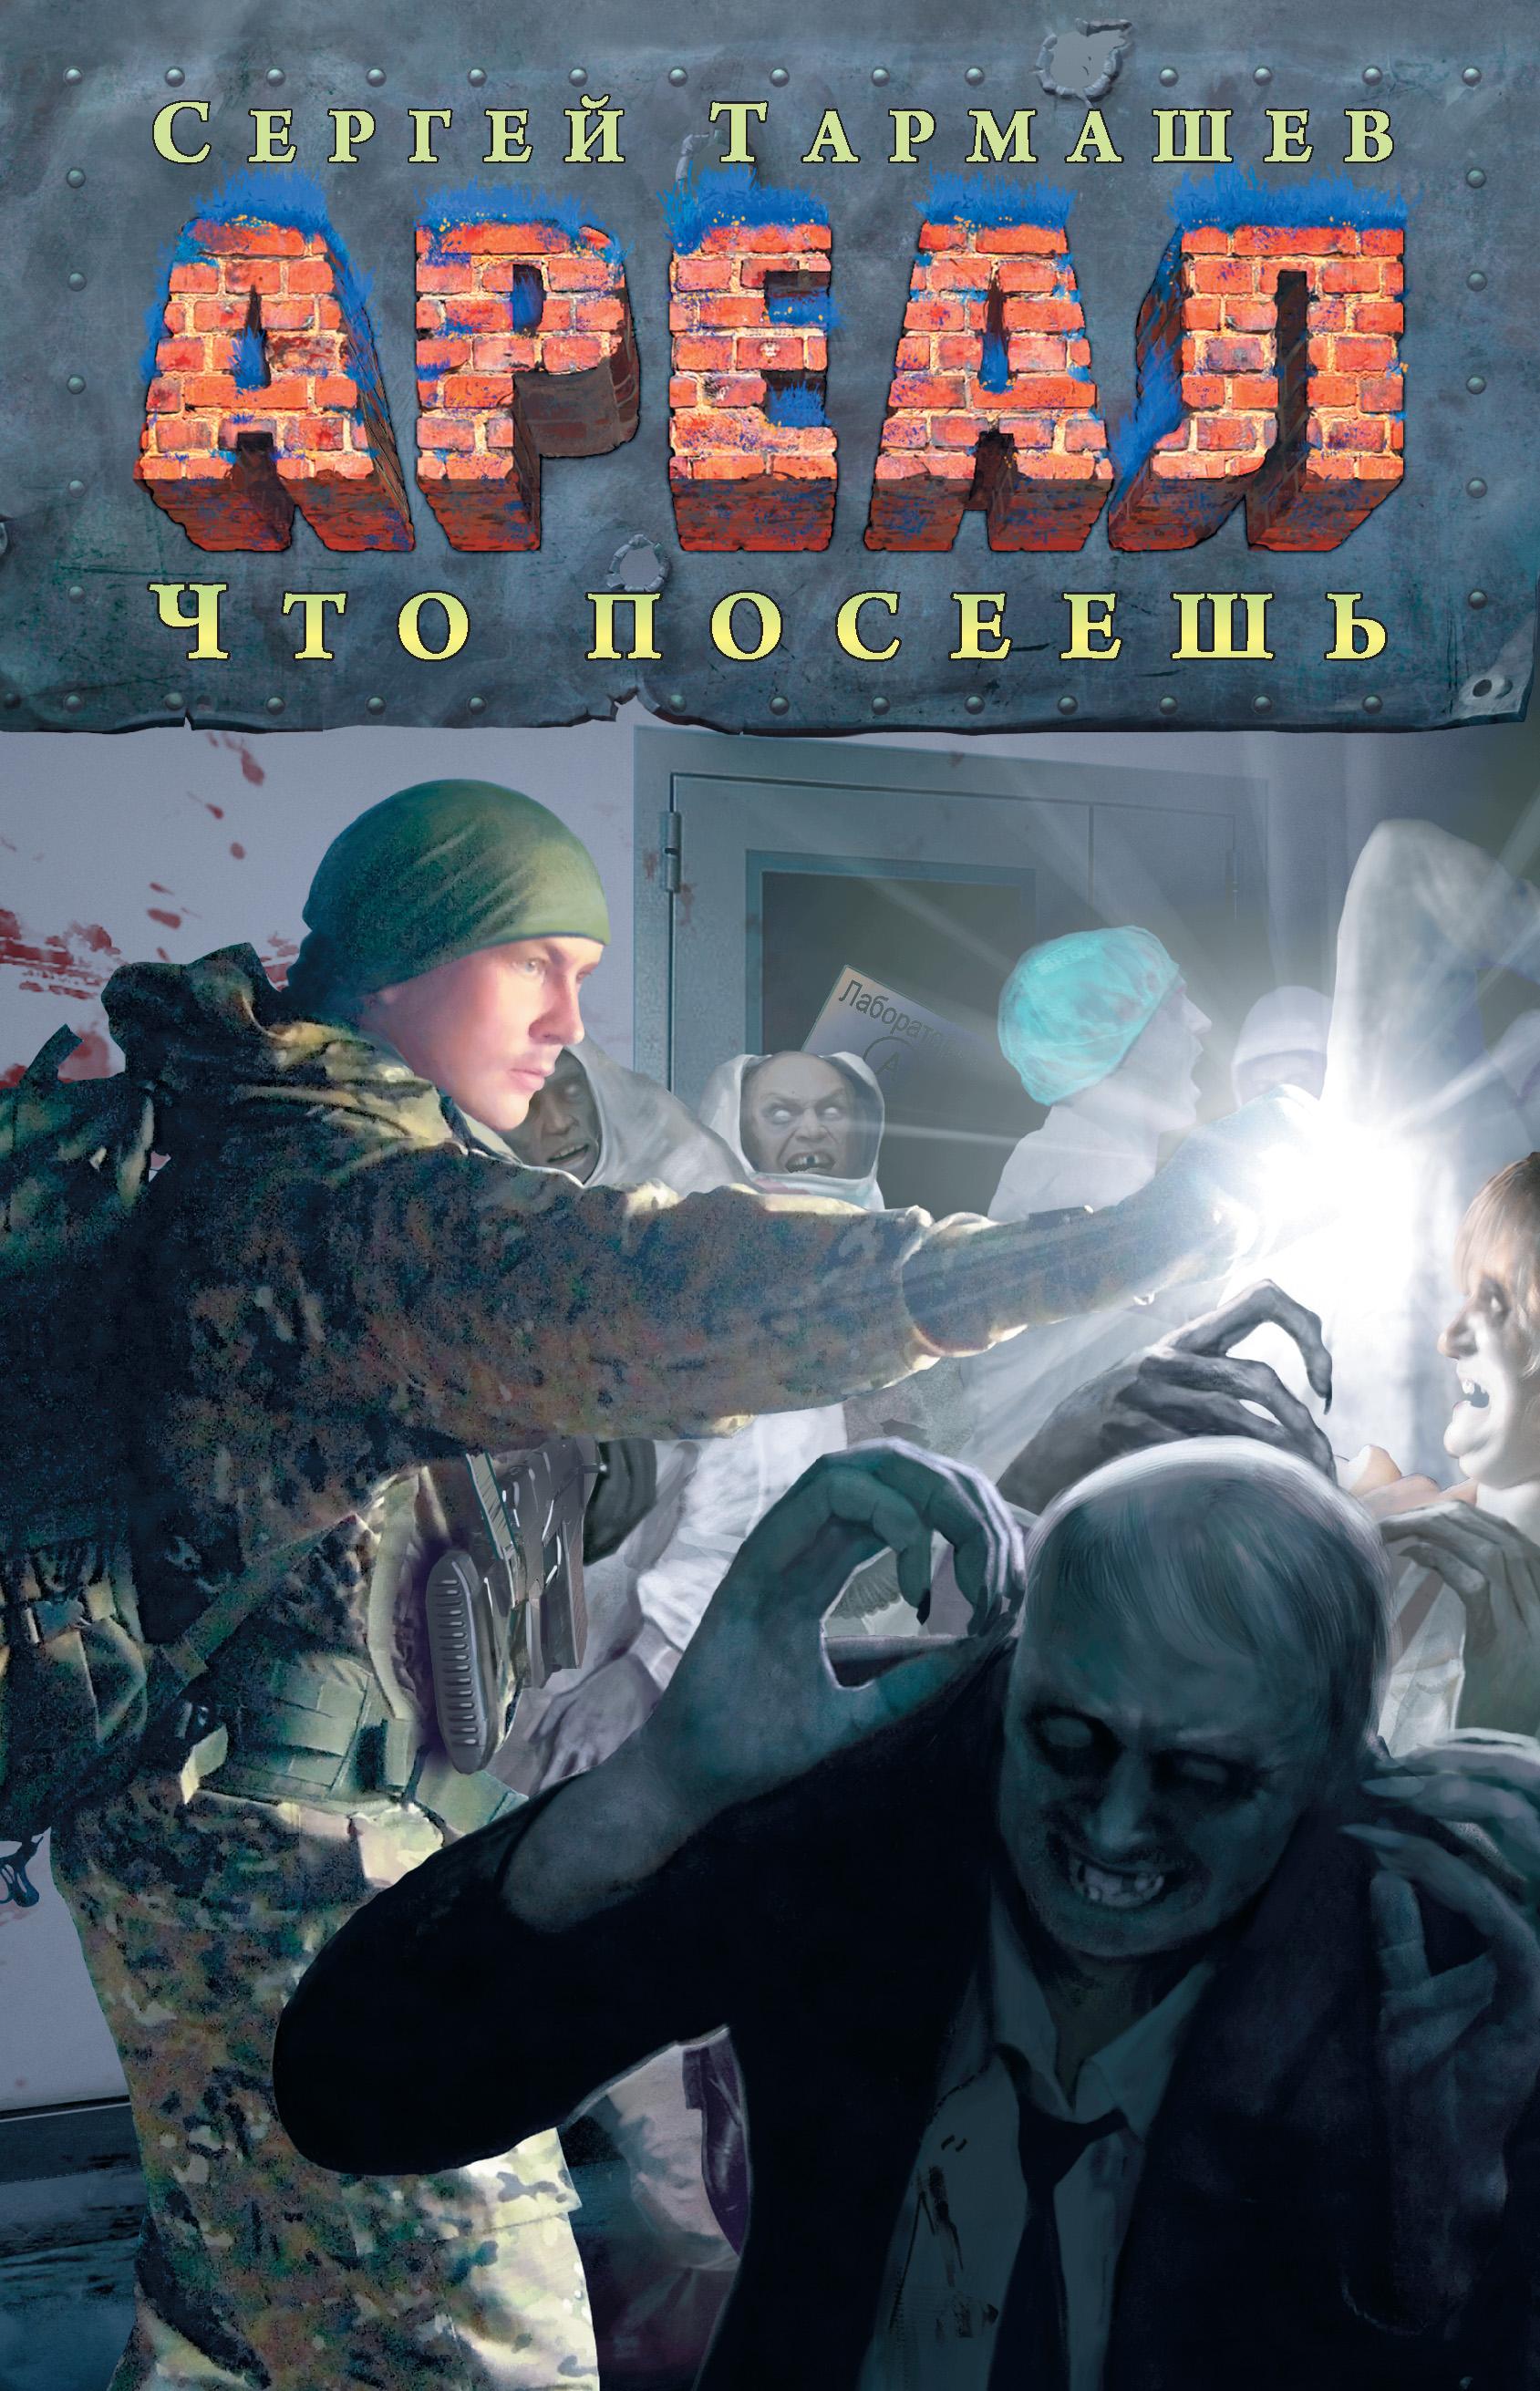 Сергей Тармашев Что посеешь тармашев сергей сергеевич ареал что посеешь